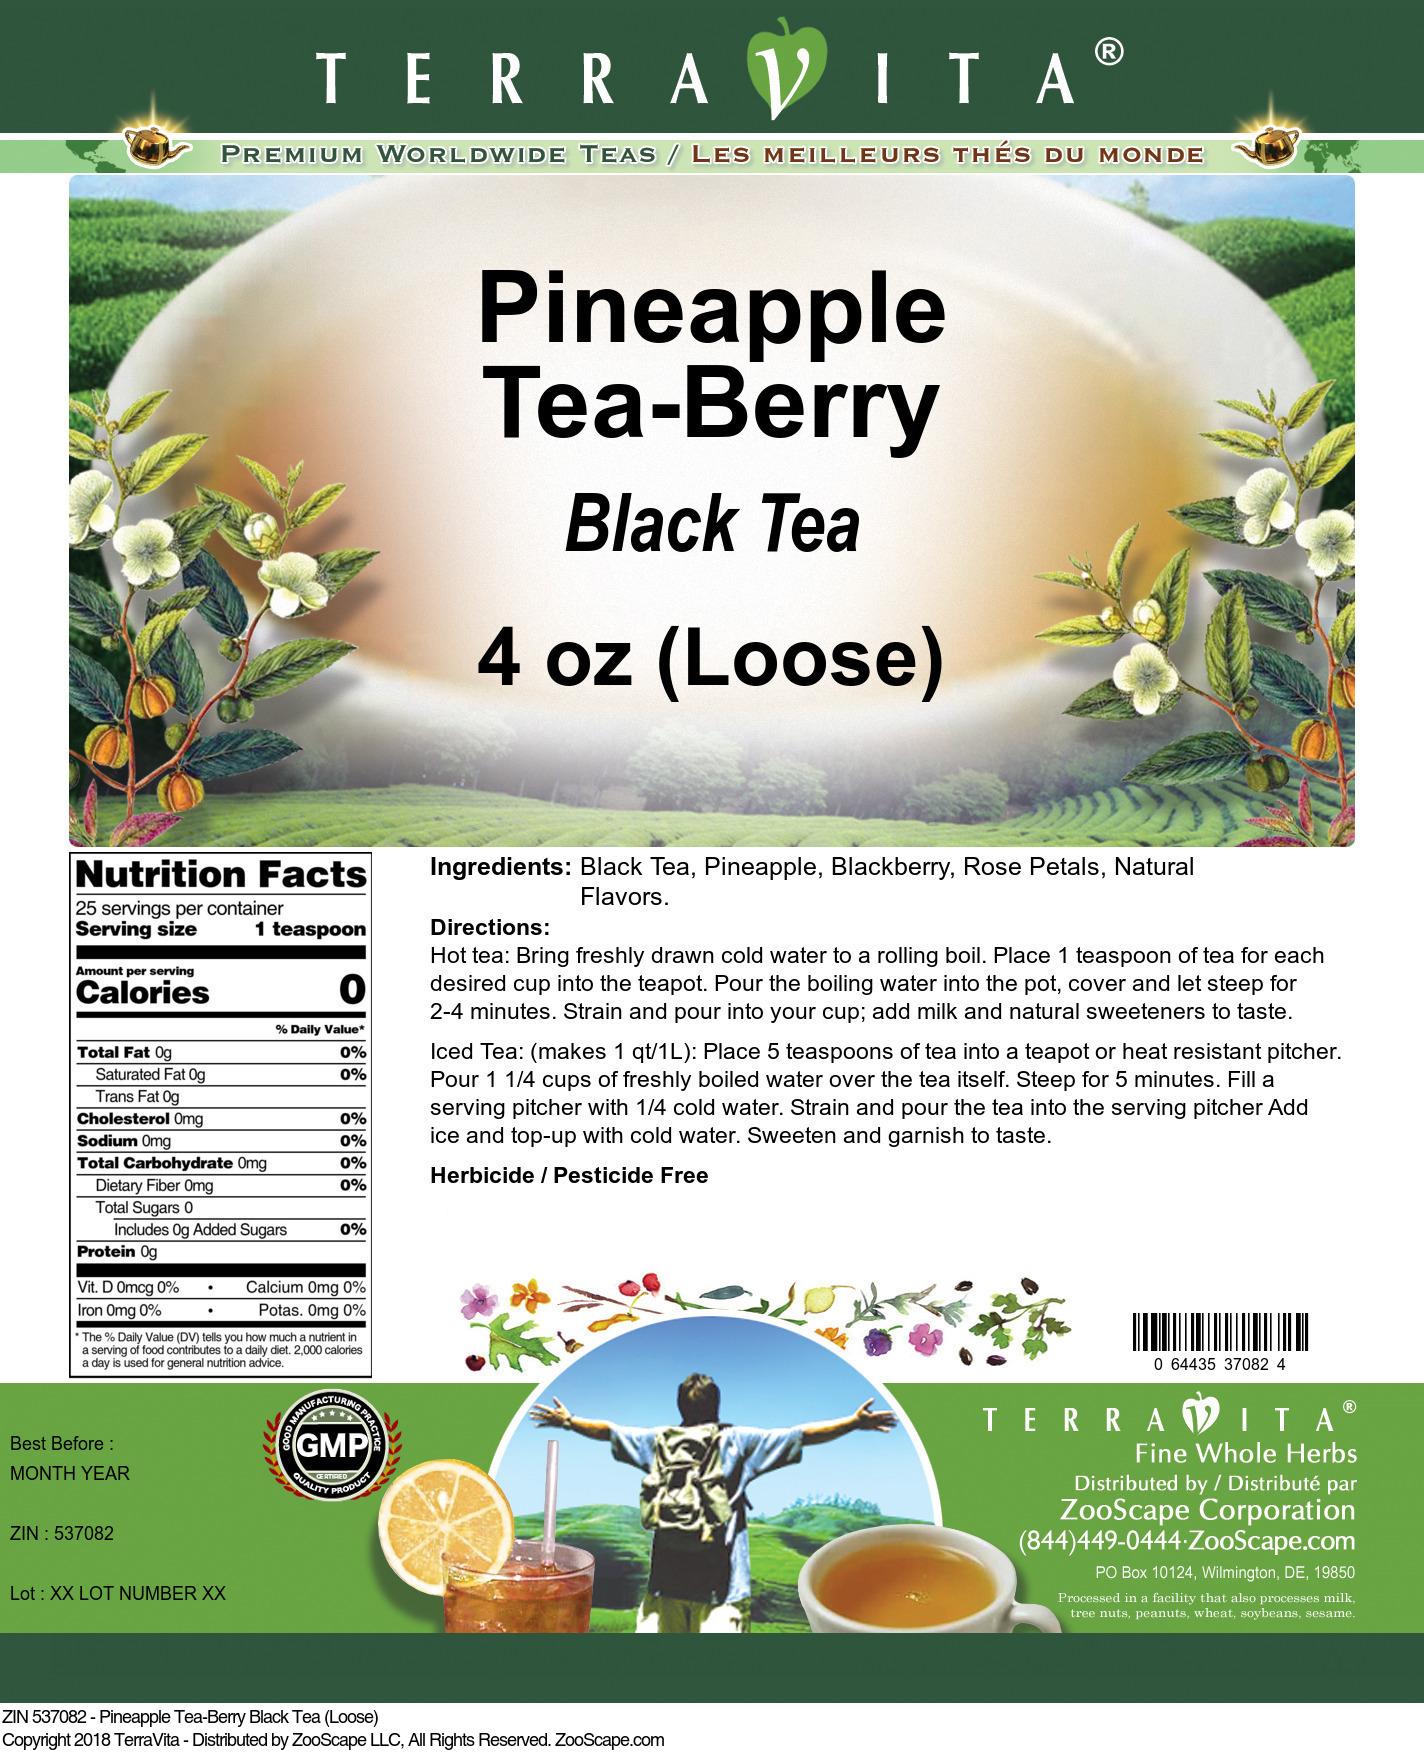 Pineapple Tea-Berry Black Tea